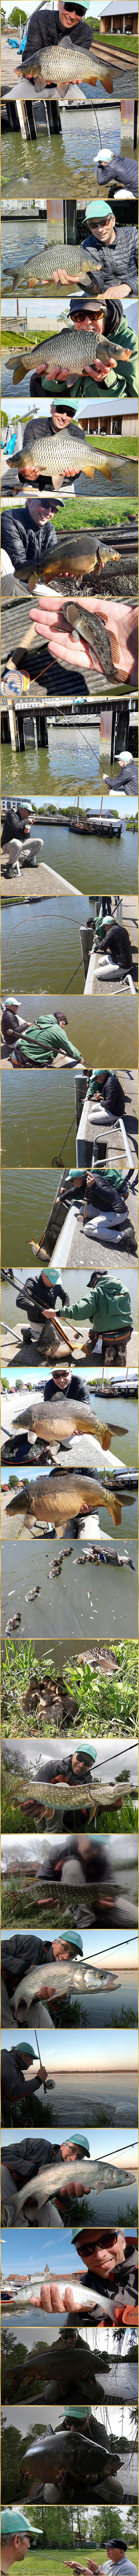 bernd ziesche fly fishing